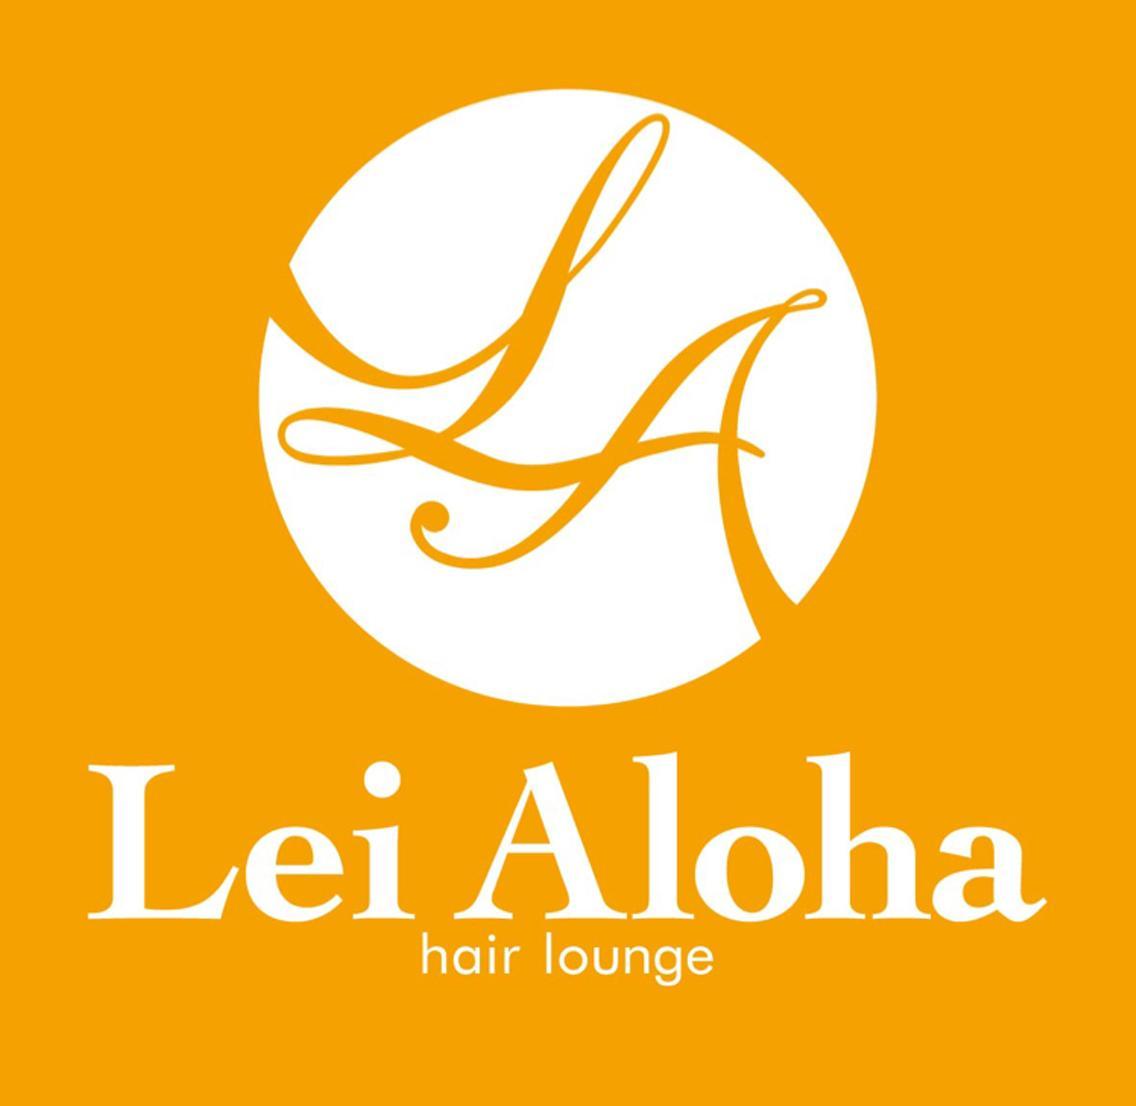 メンズ限定☆美容室Lei Aloha《レイアロハ》八王子にてカット+カラー+トリートメント+ヘッドスパが驚きのお値段で!